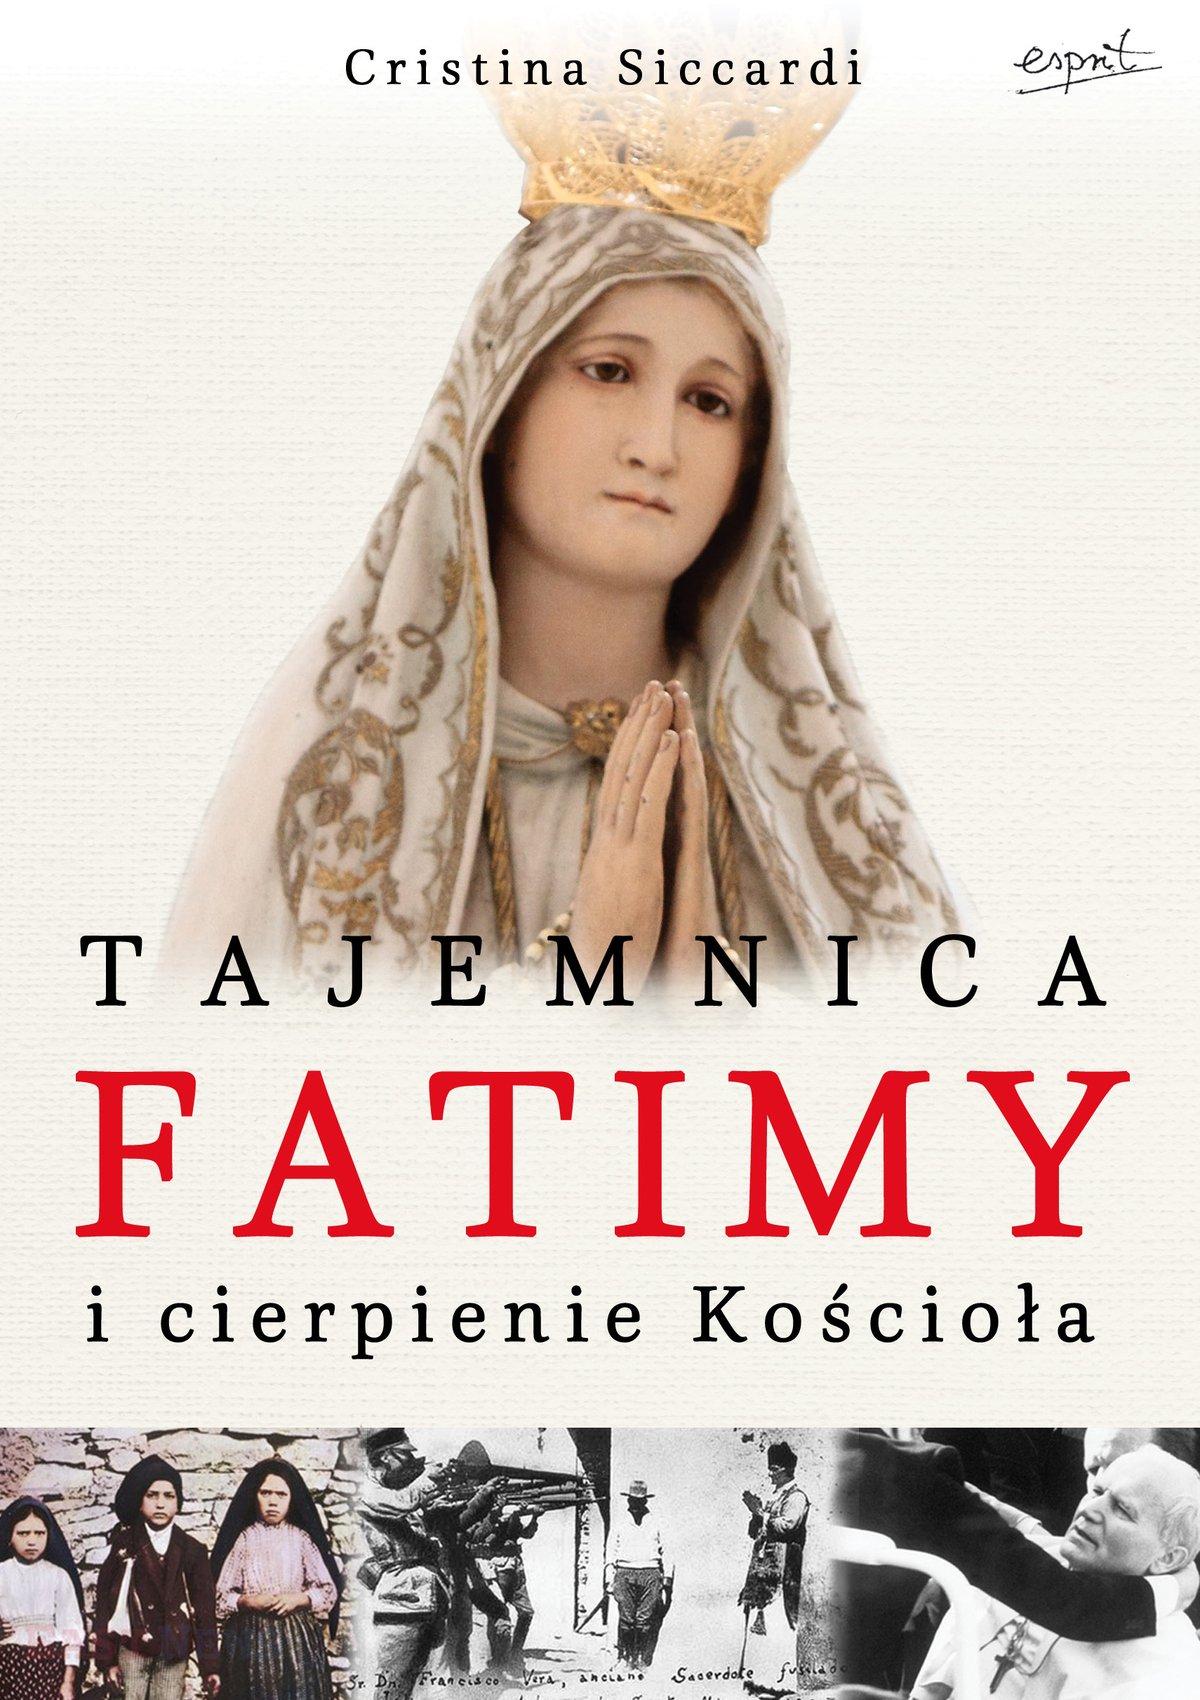 Fatima i cierpienie Kościoła - Ebook (Książka EPUB) do pobrania w formacie EPUB